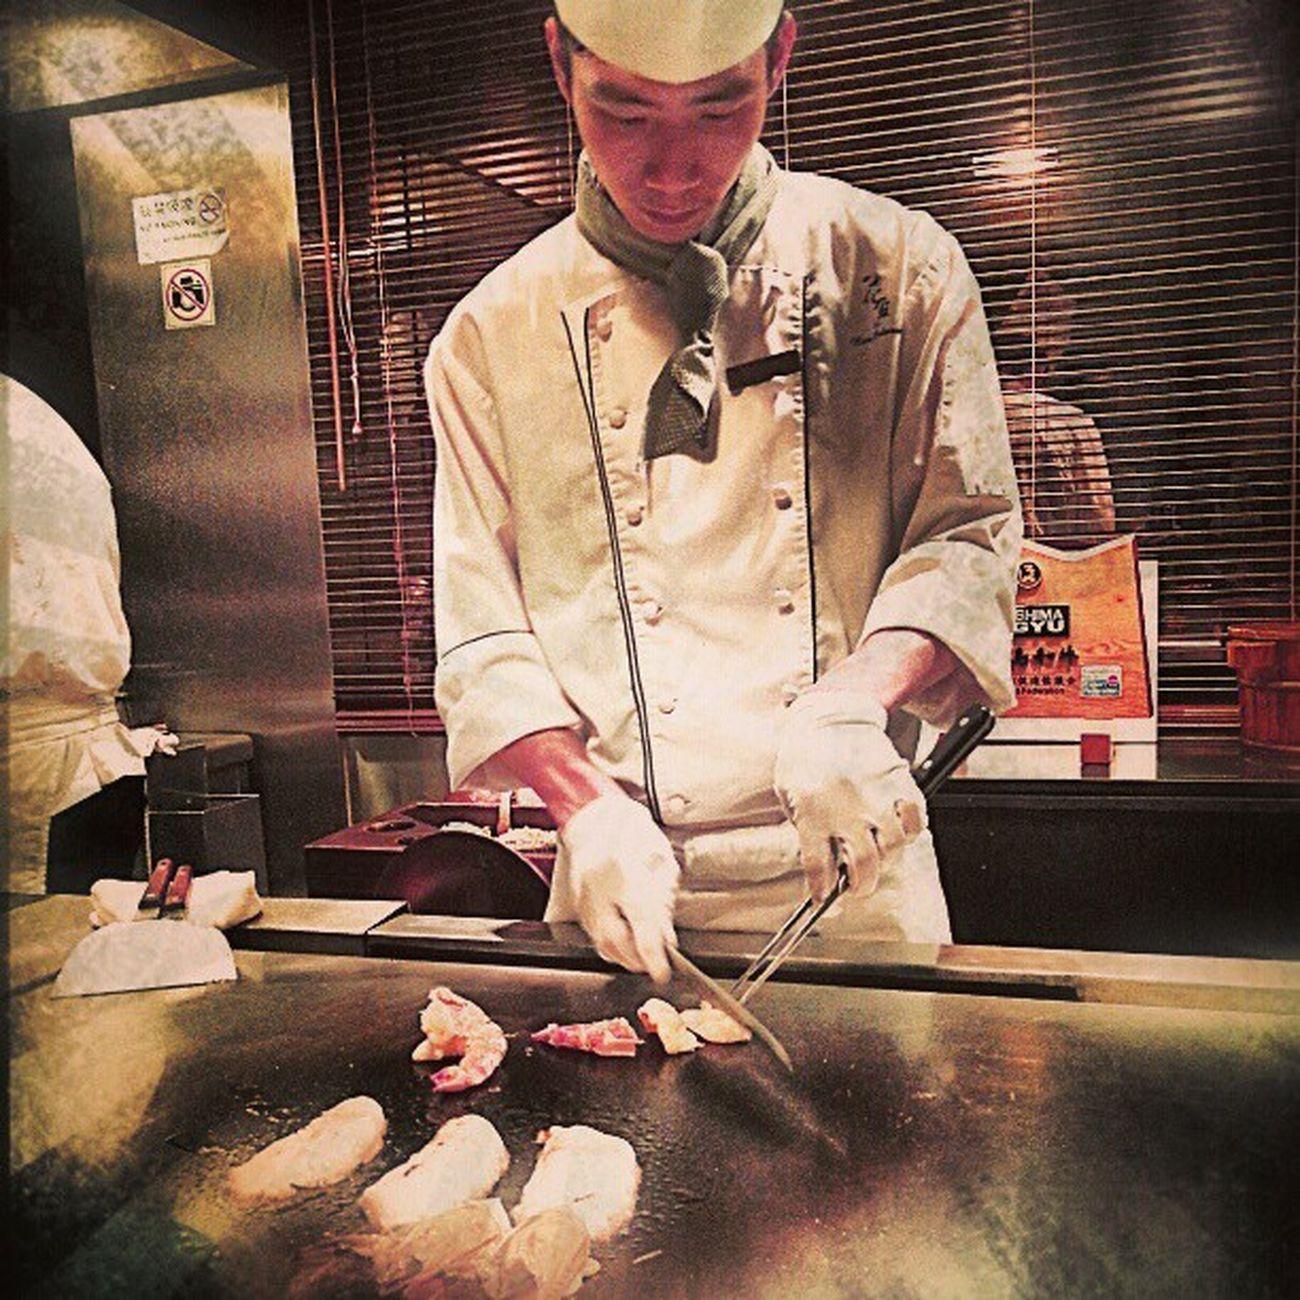 Delicious Japanese  Tenpanyaki for Christmas dinner yum foodporn HK onlyinhk HongKong